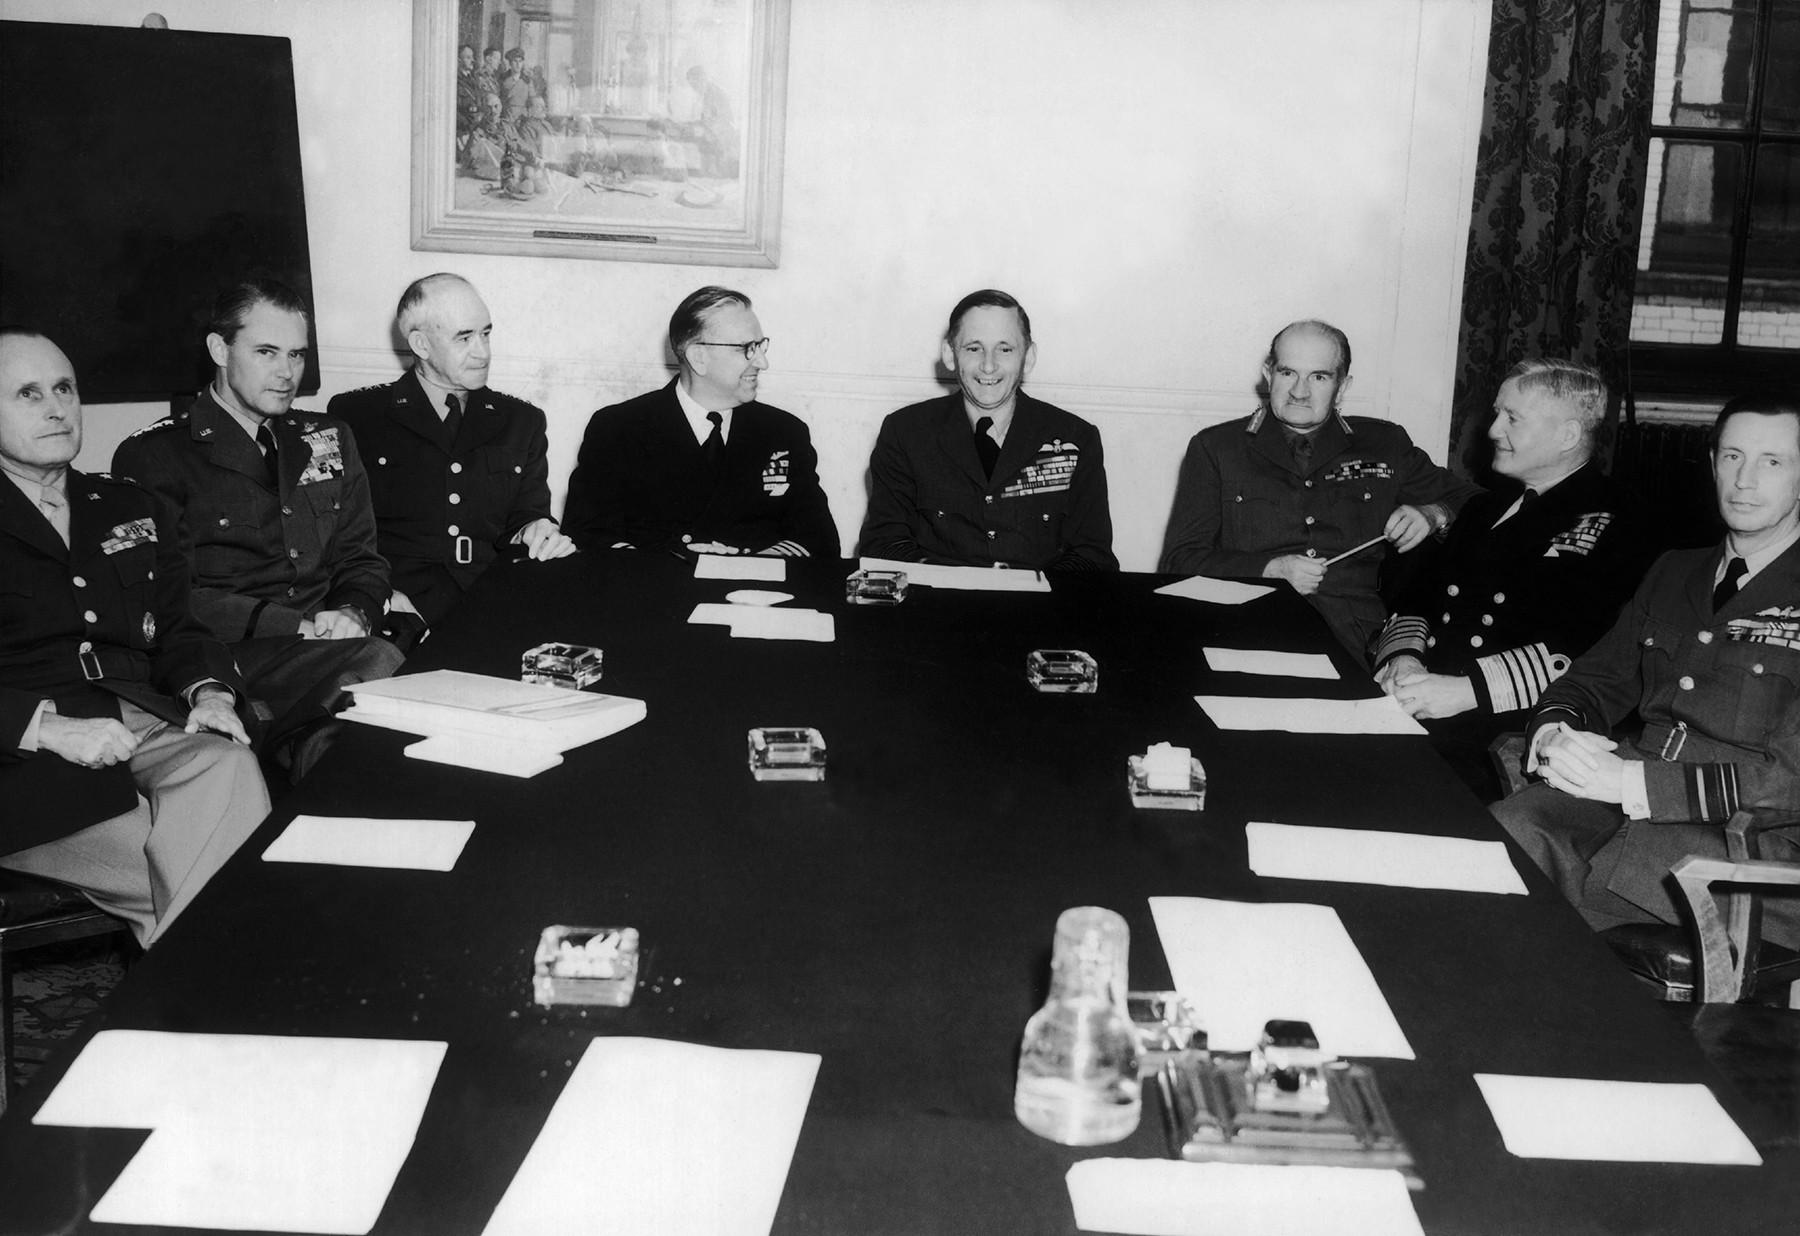 Altos rangos militares británicos y estadounidenses en la mesa de discusión en Londres.